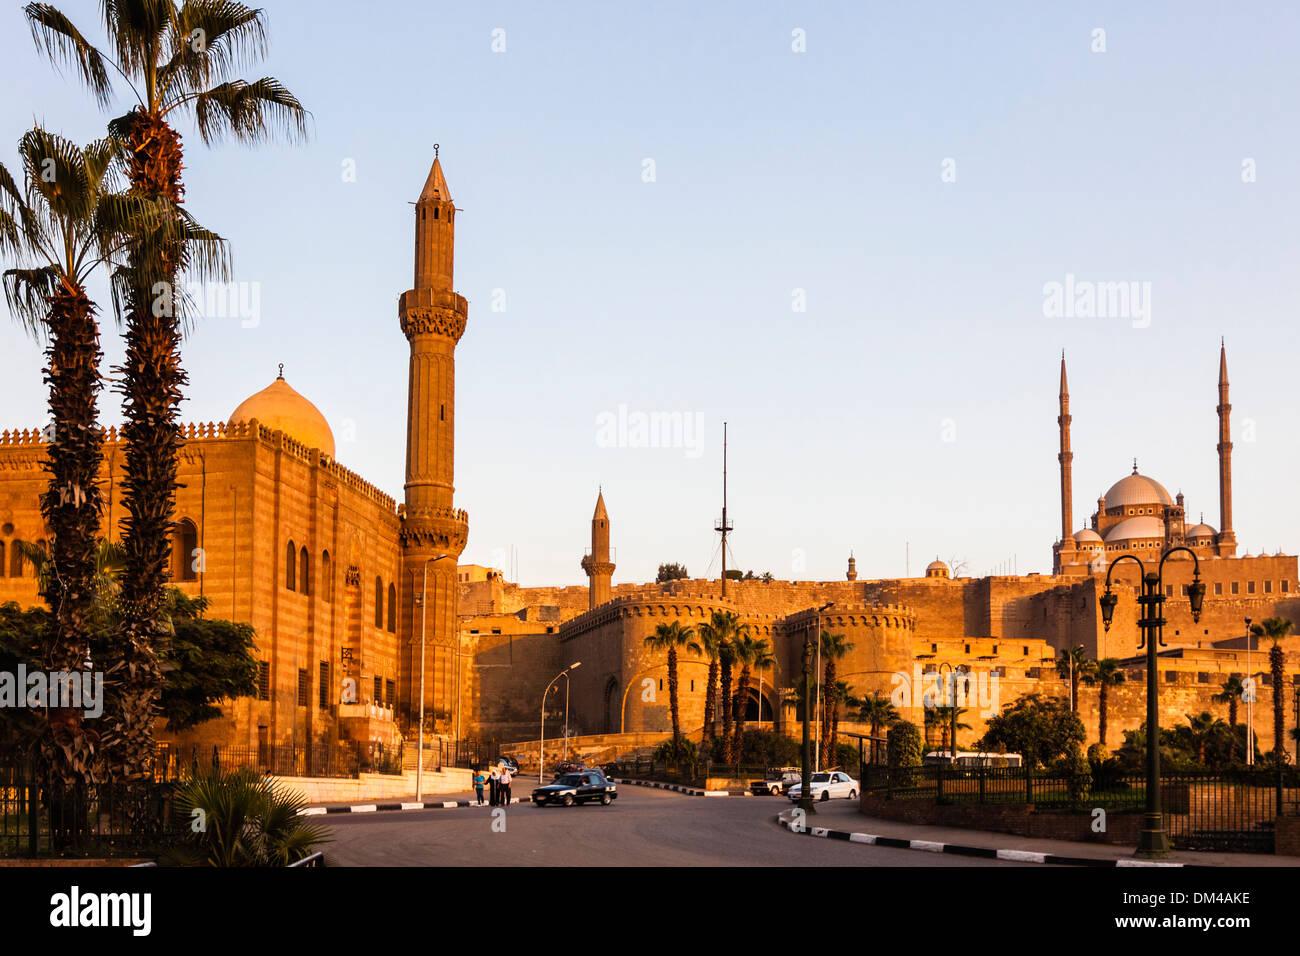 Il Saladino Cittadella del Cairo, Egitto Immagini Stock